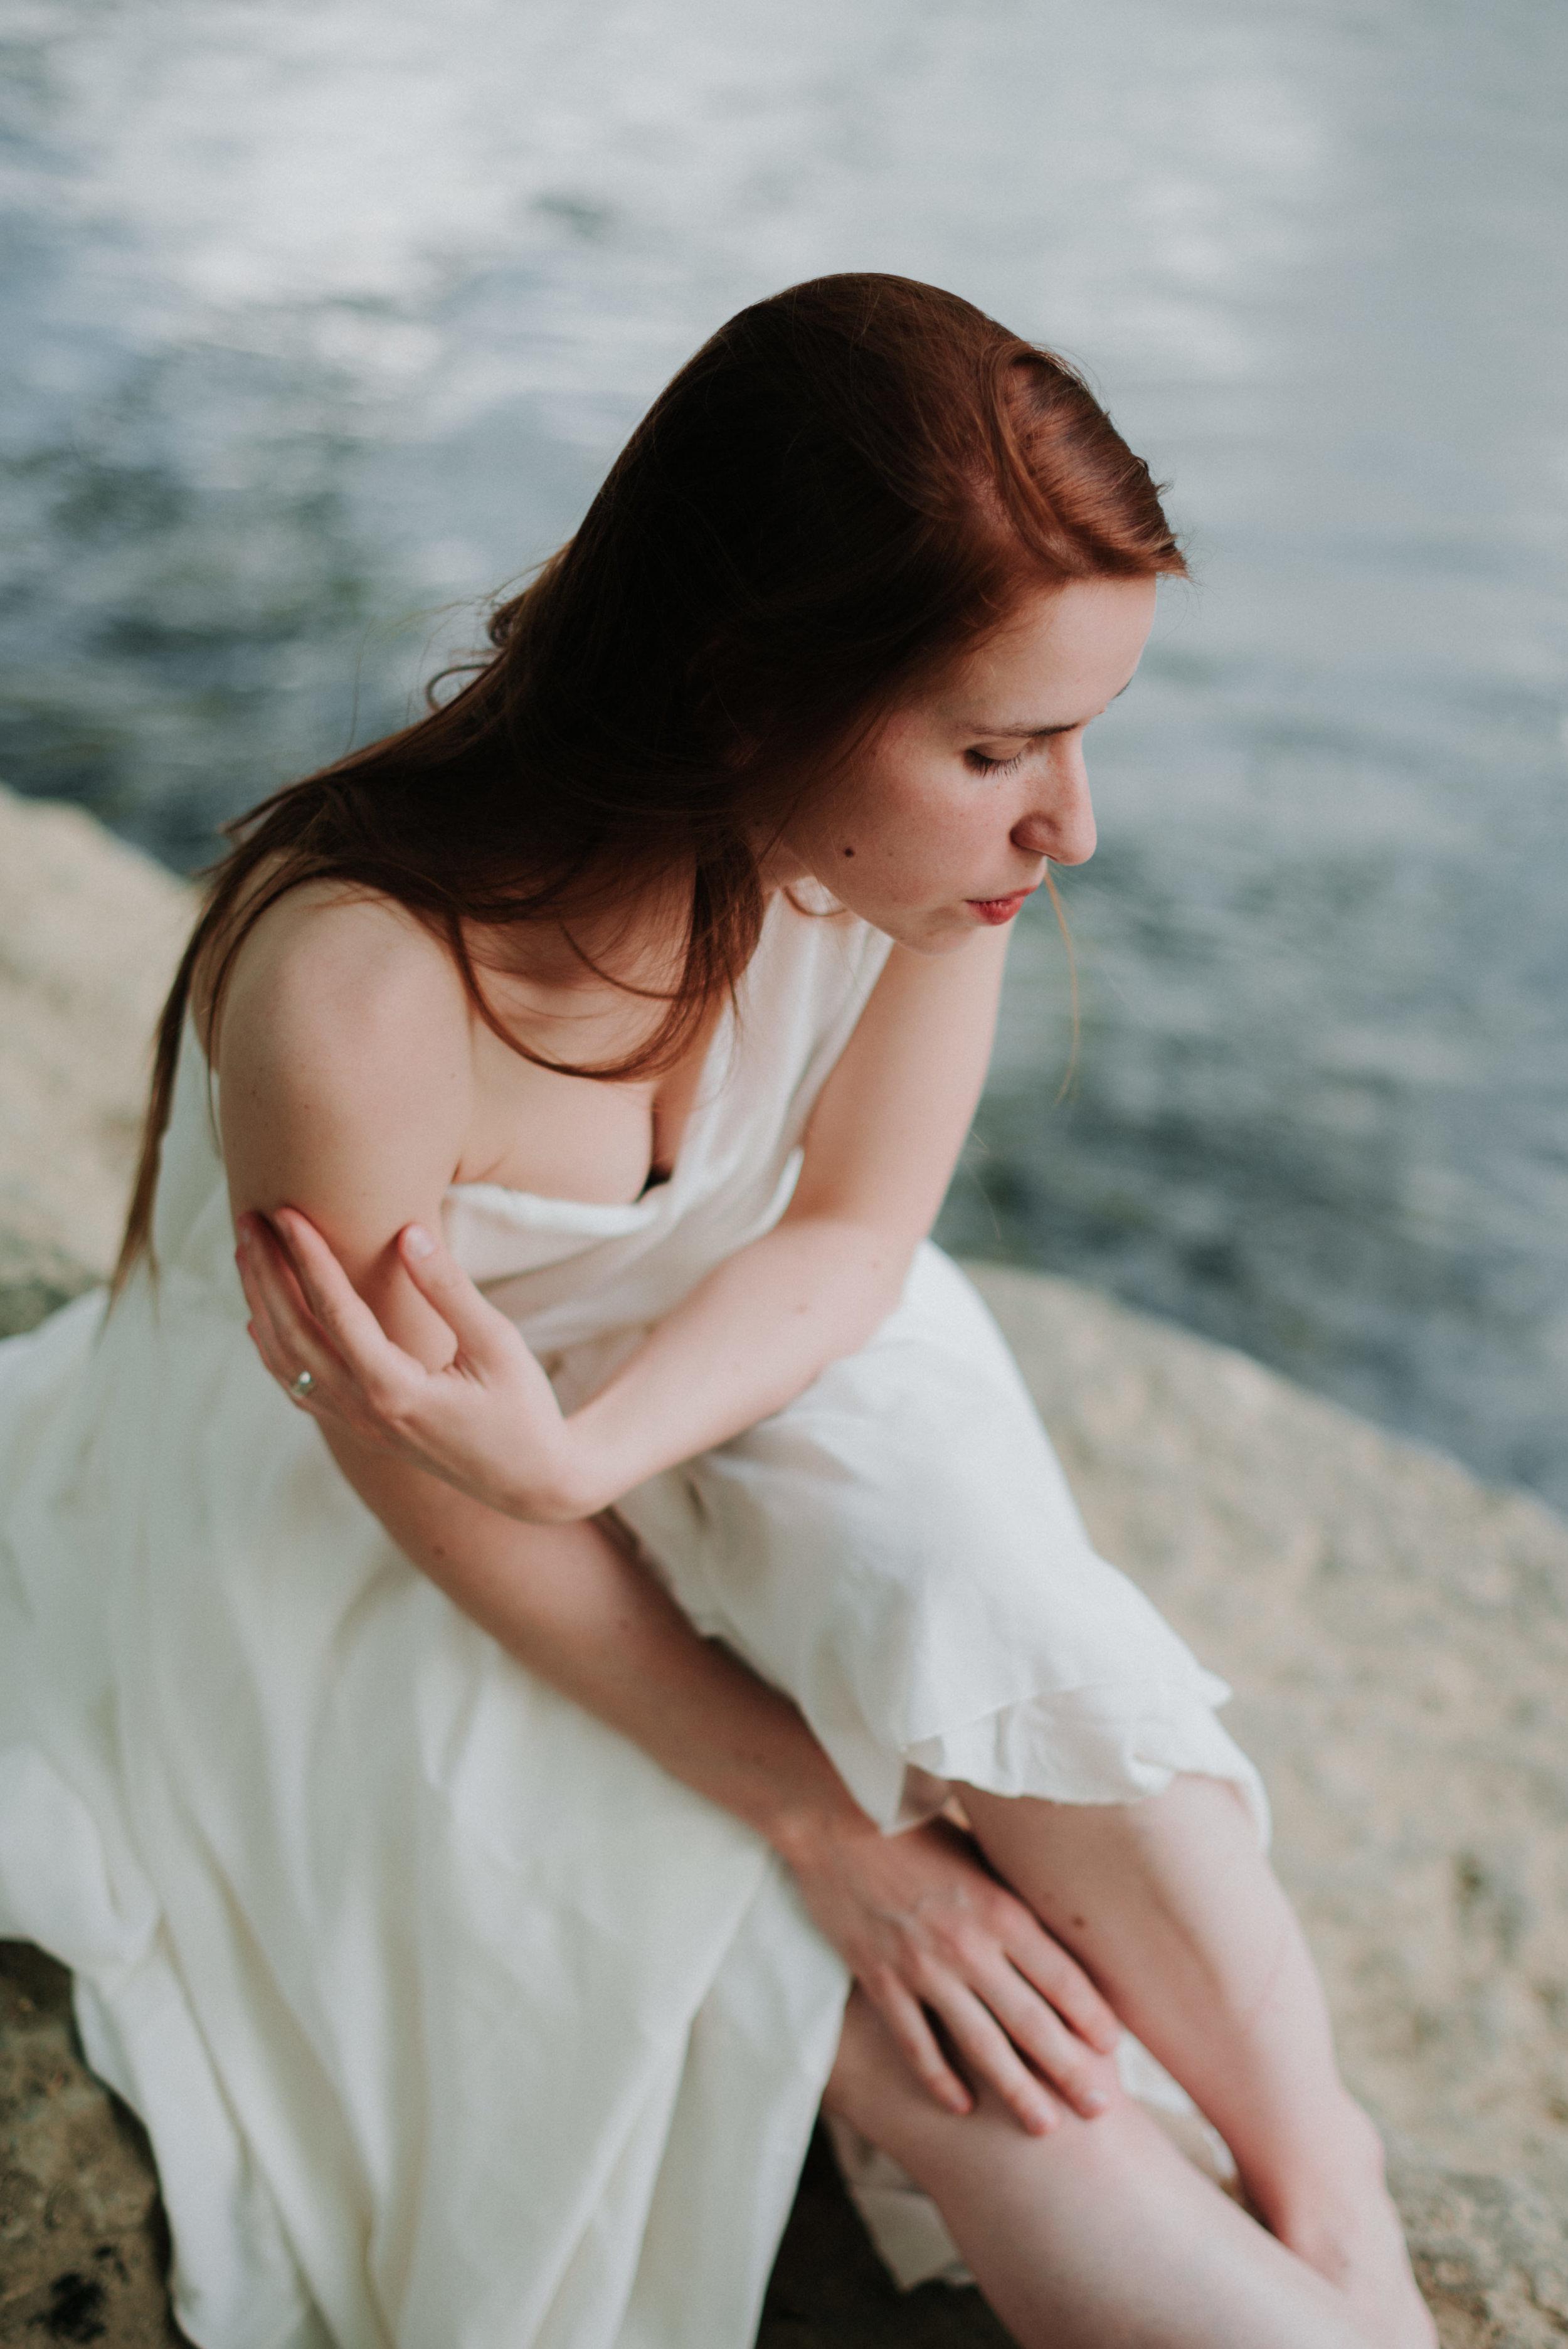 Léa-Fery-photographe-professionnel-lyon-rhone-alpes-portrait-creation-mariage-evenement-evenementiel-famille-8562.jpg